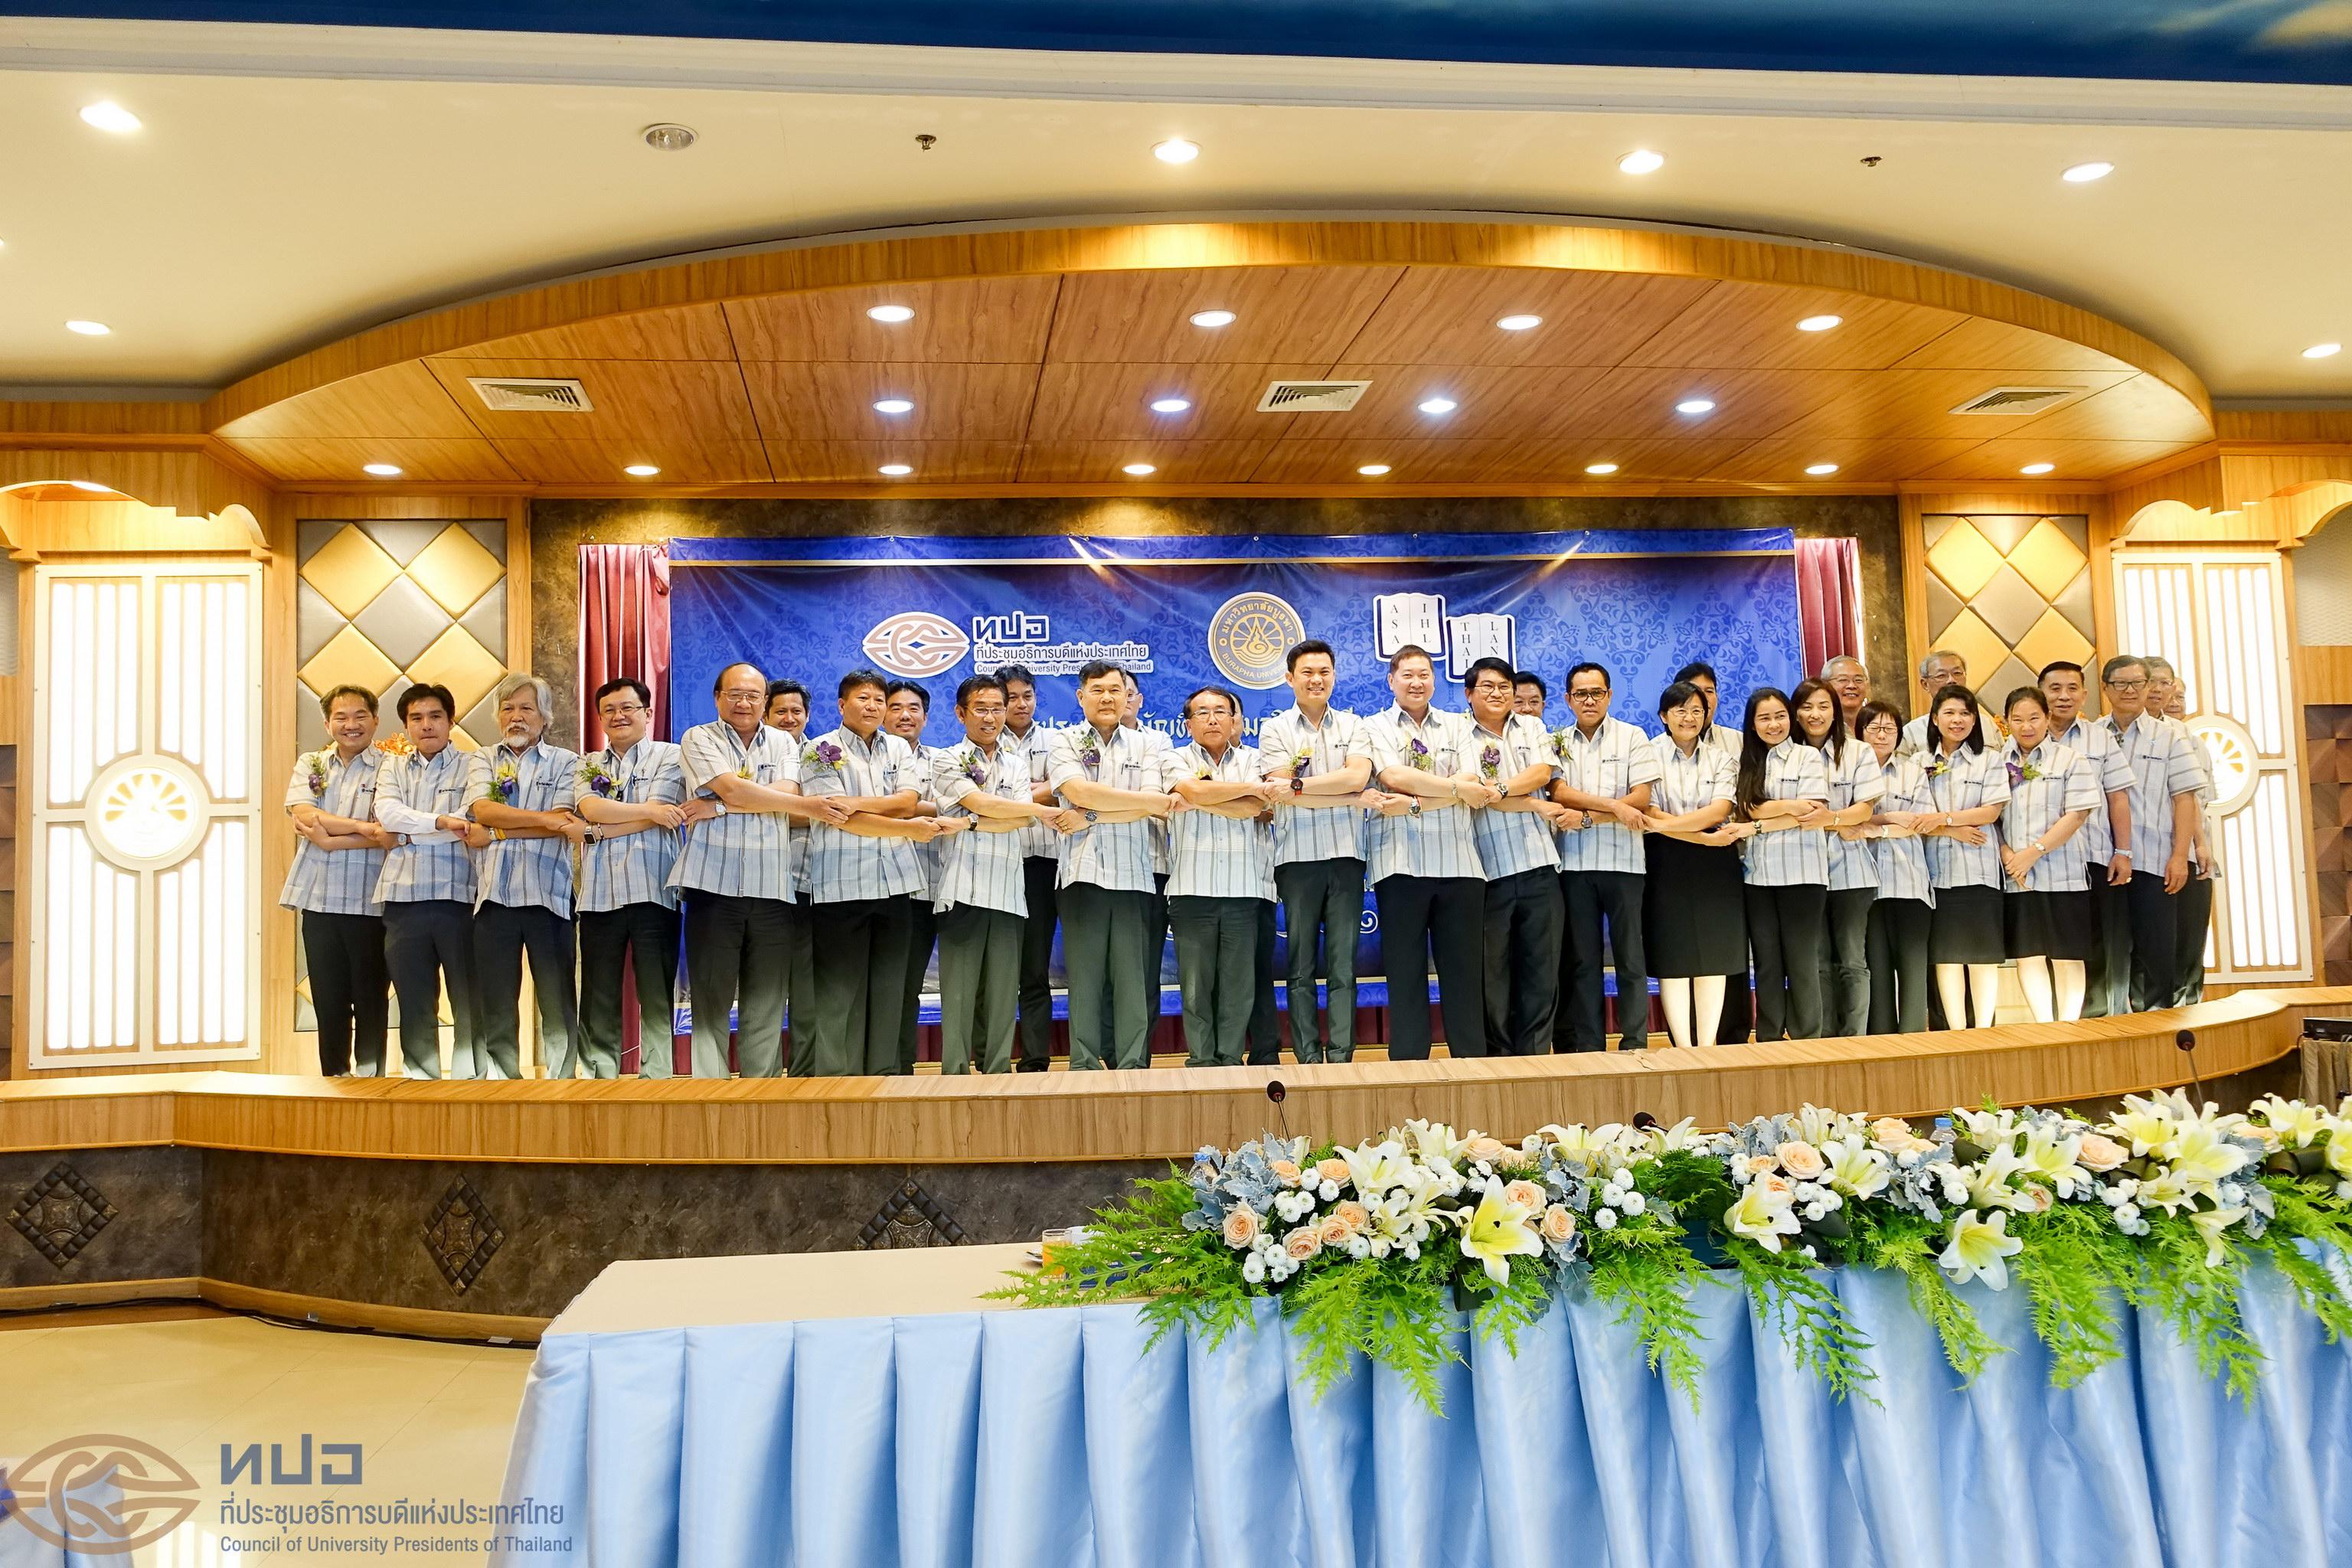 การประชุมสามัญที่ประชุมอธิการบดีแห่งประเทศไทย และสมาคมที่ประชุมอธิการบดีแห่งประเทศไทย ครั้งที่ 3/2560